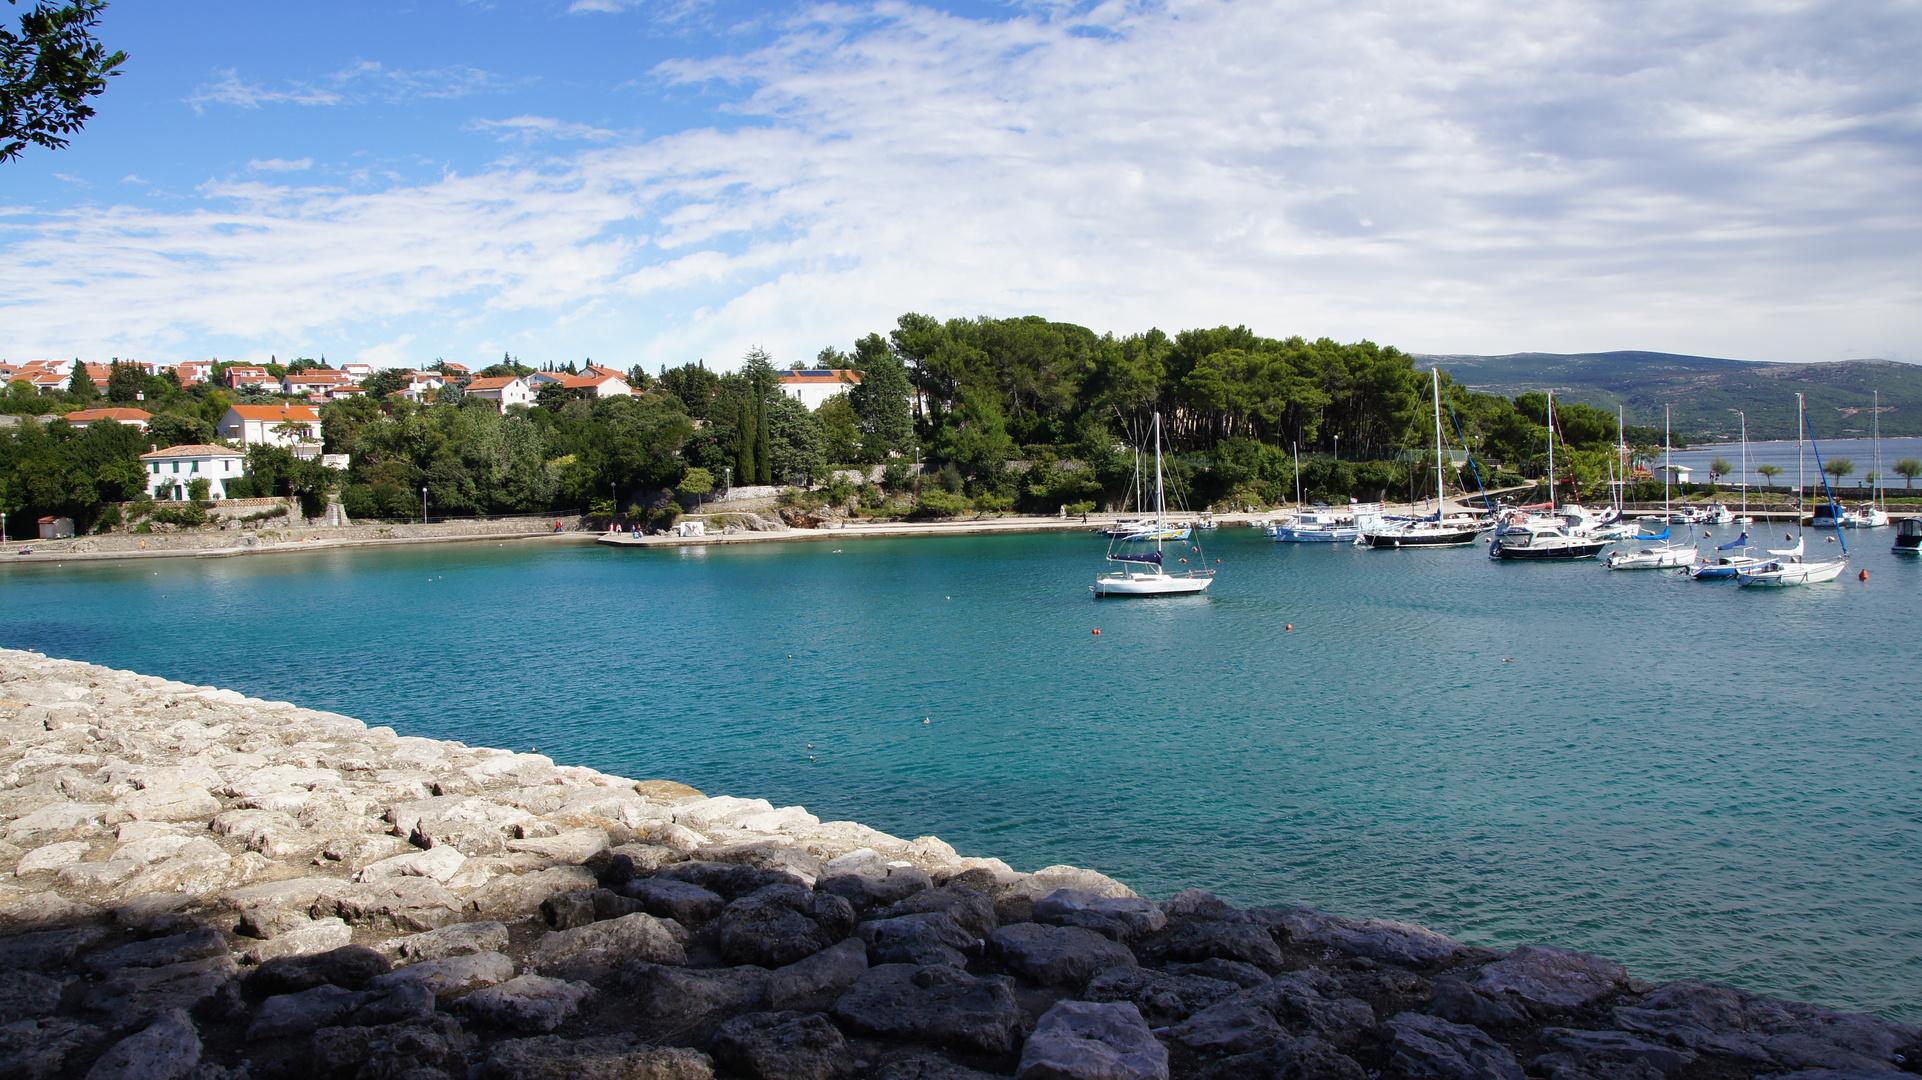 Teile des Hafens von der Stadt Krk (Insel Krk)